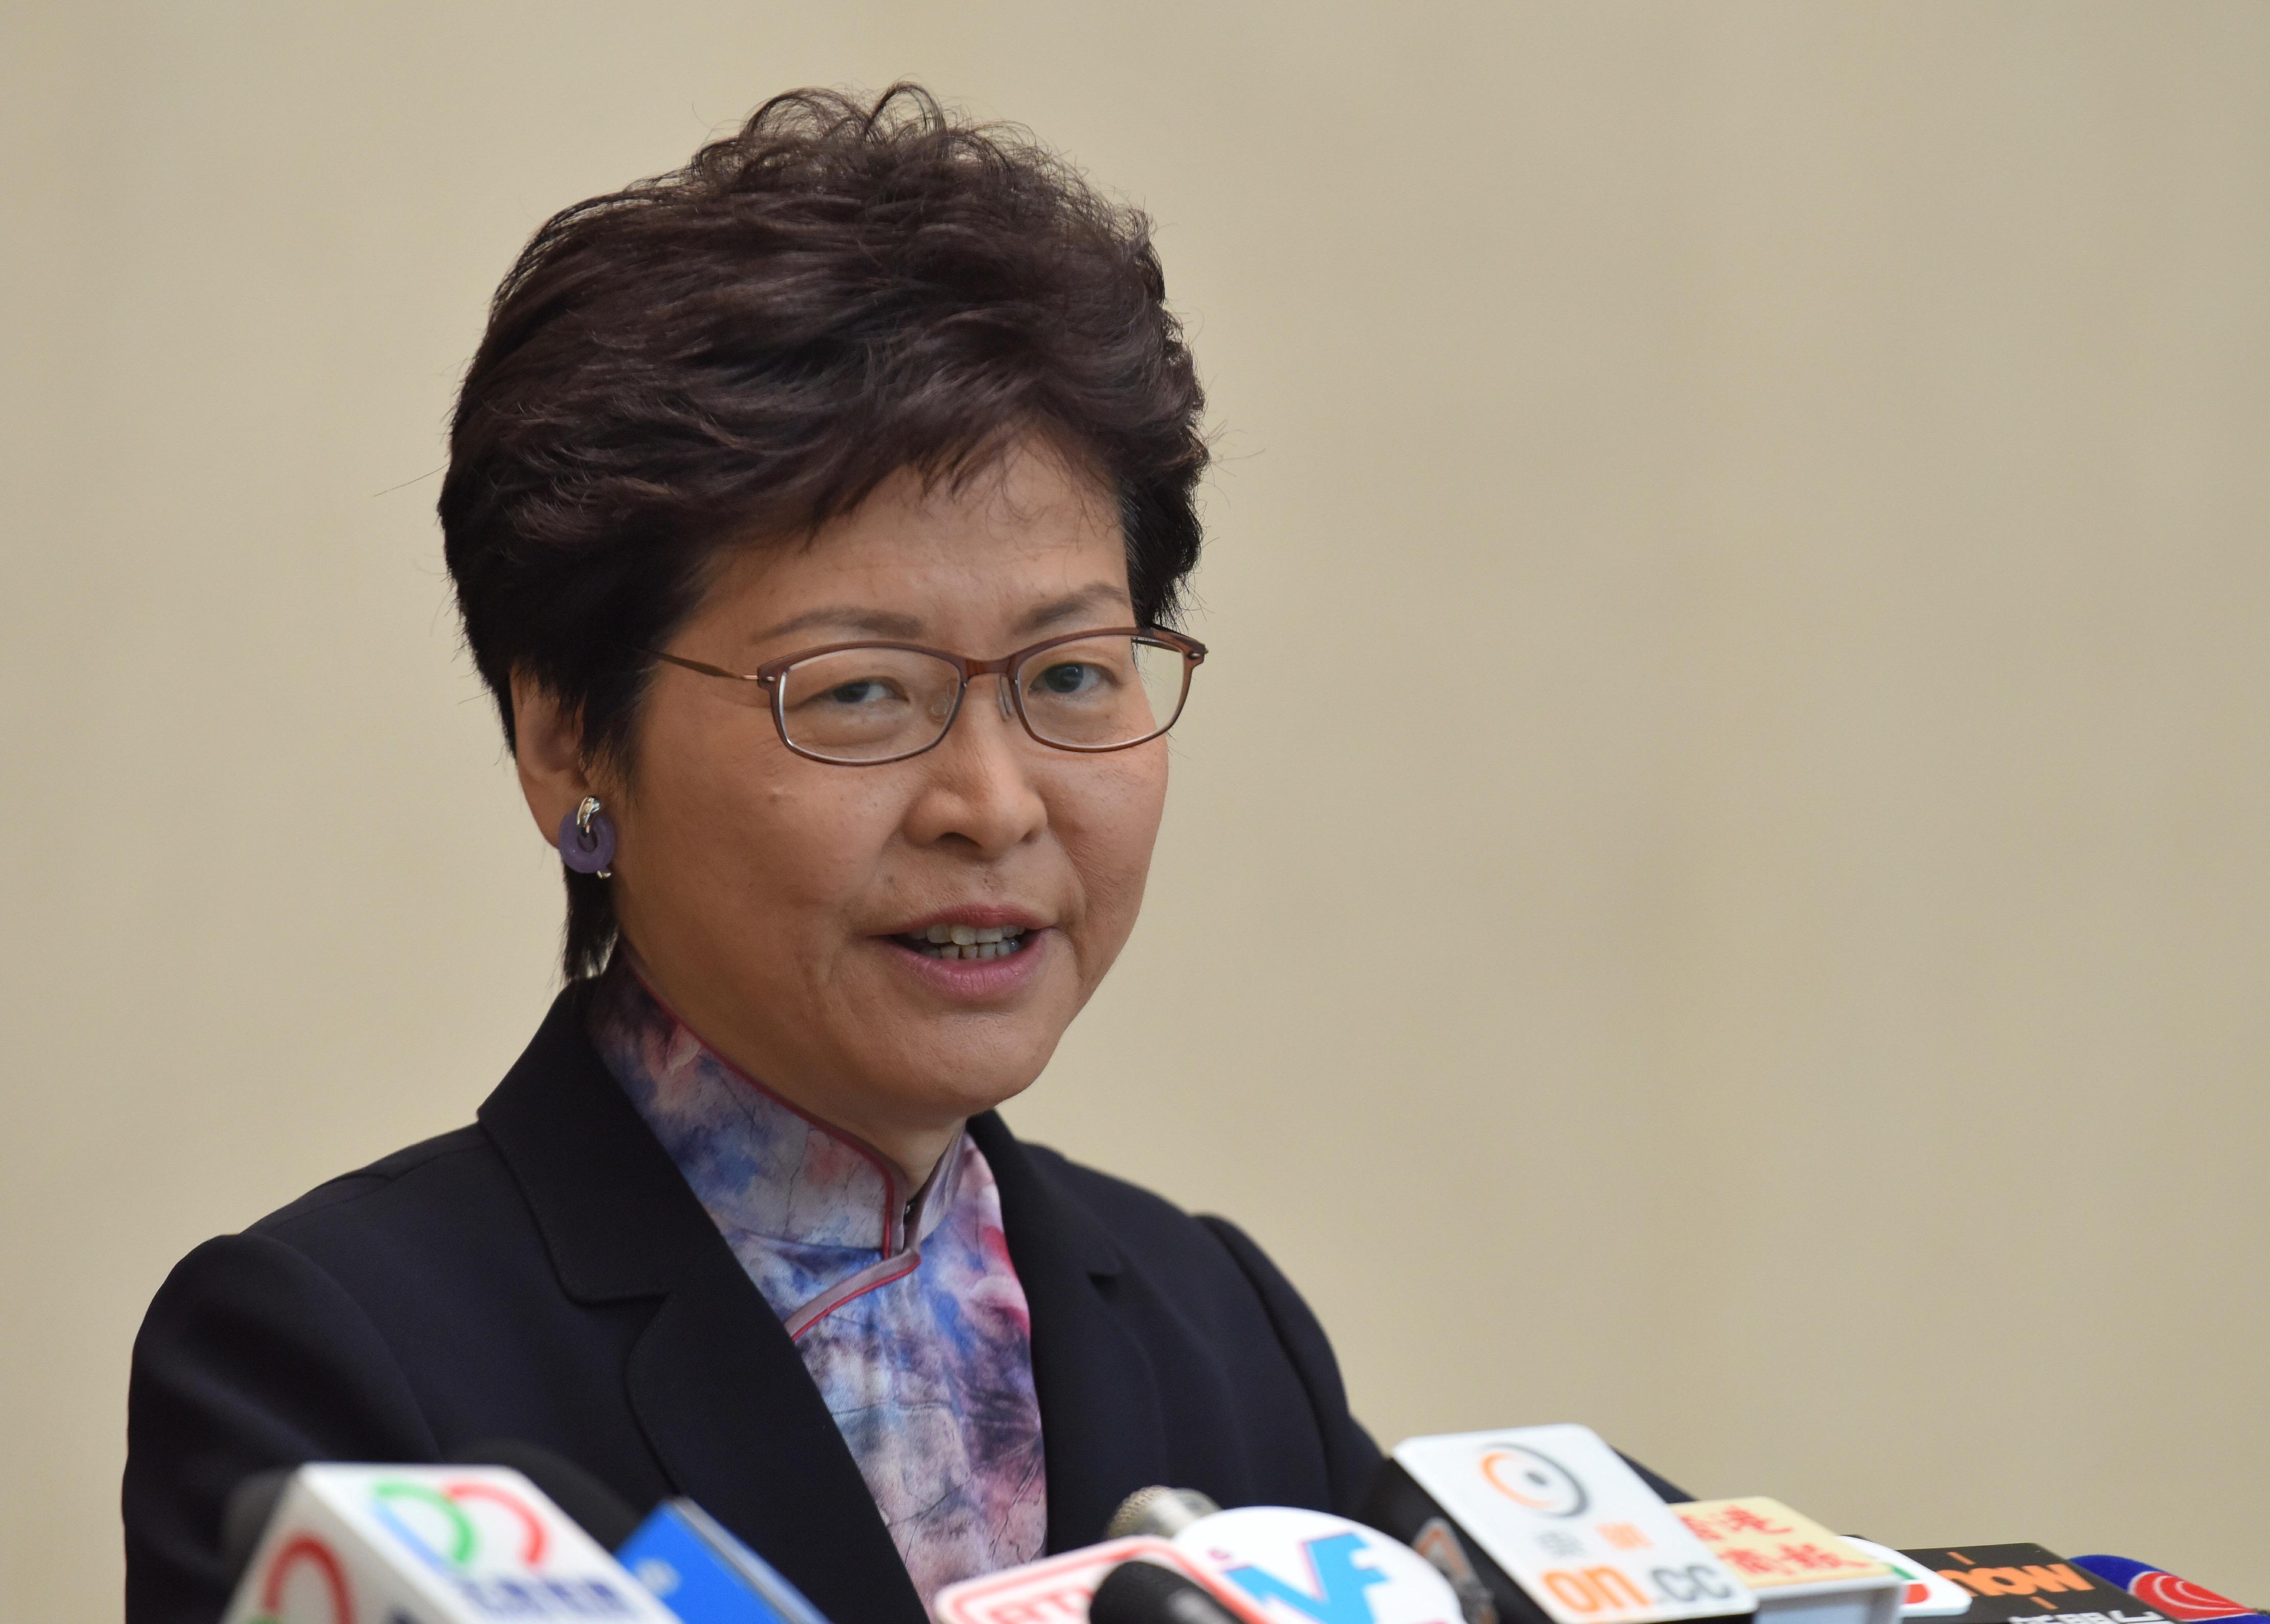 5月15日,香港特區行政長官林鄭月娥出席行政會議前會見傳媒。(來源:香港中通社 )